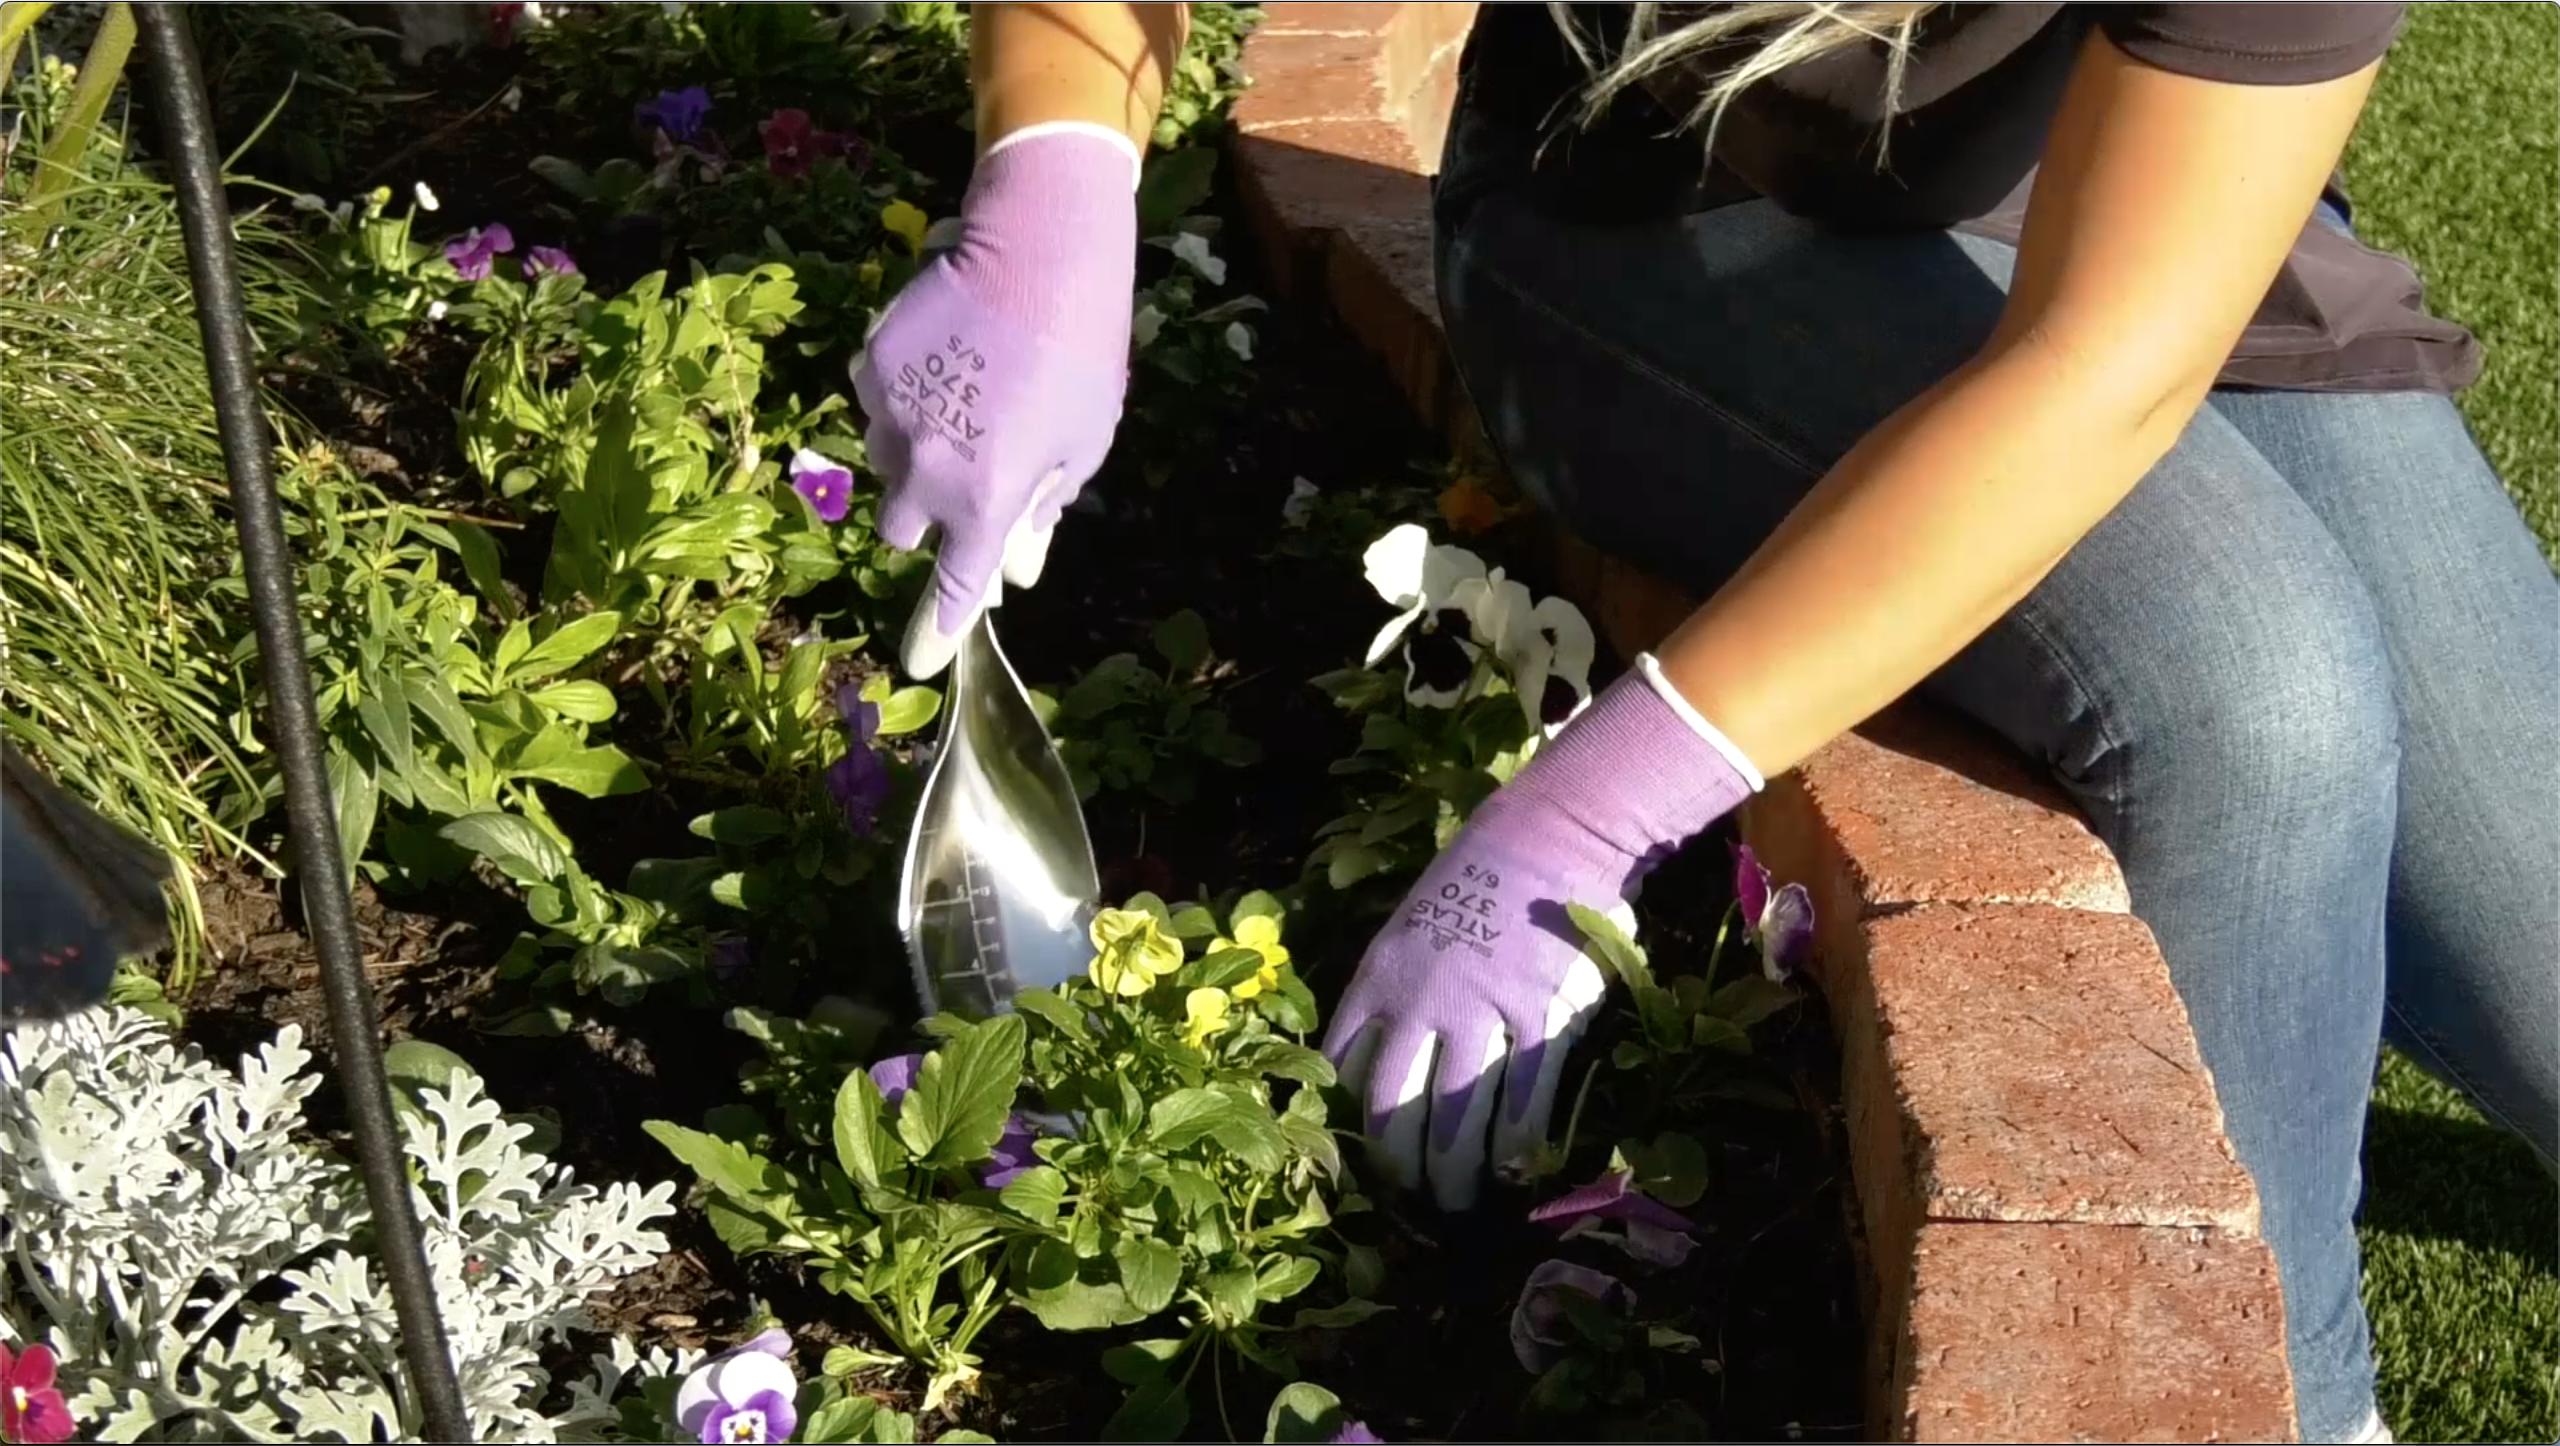 Ultimate Innovations Atlas Gardening Gloves